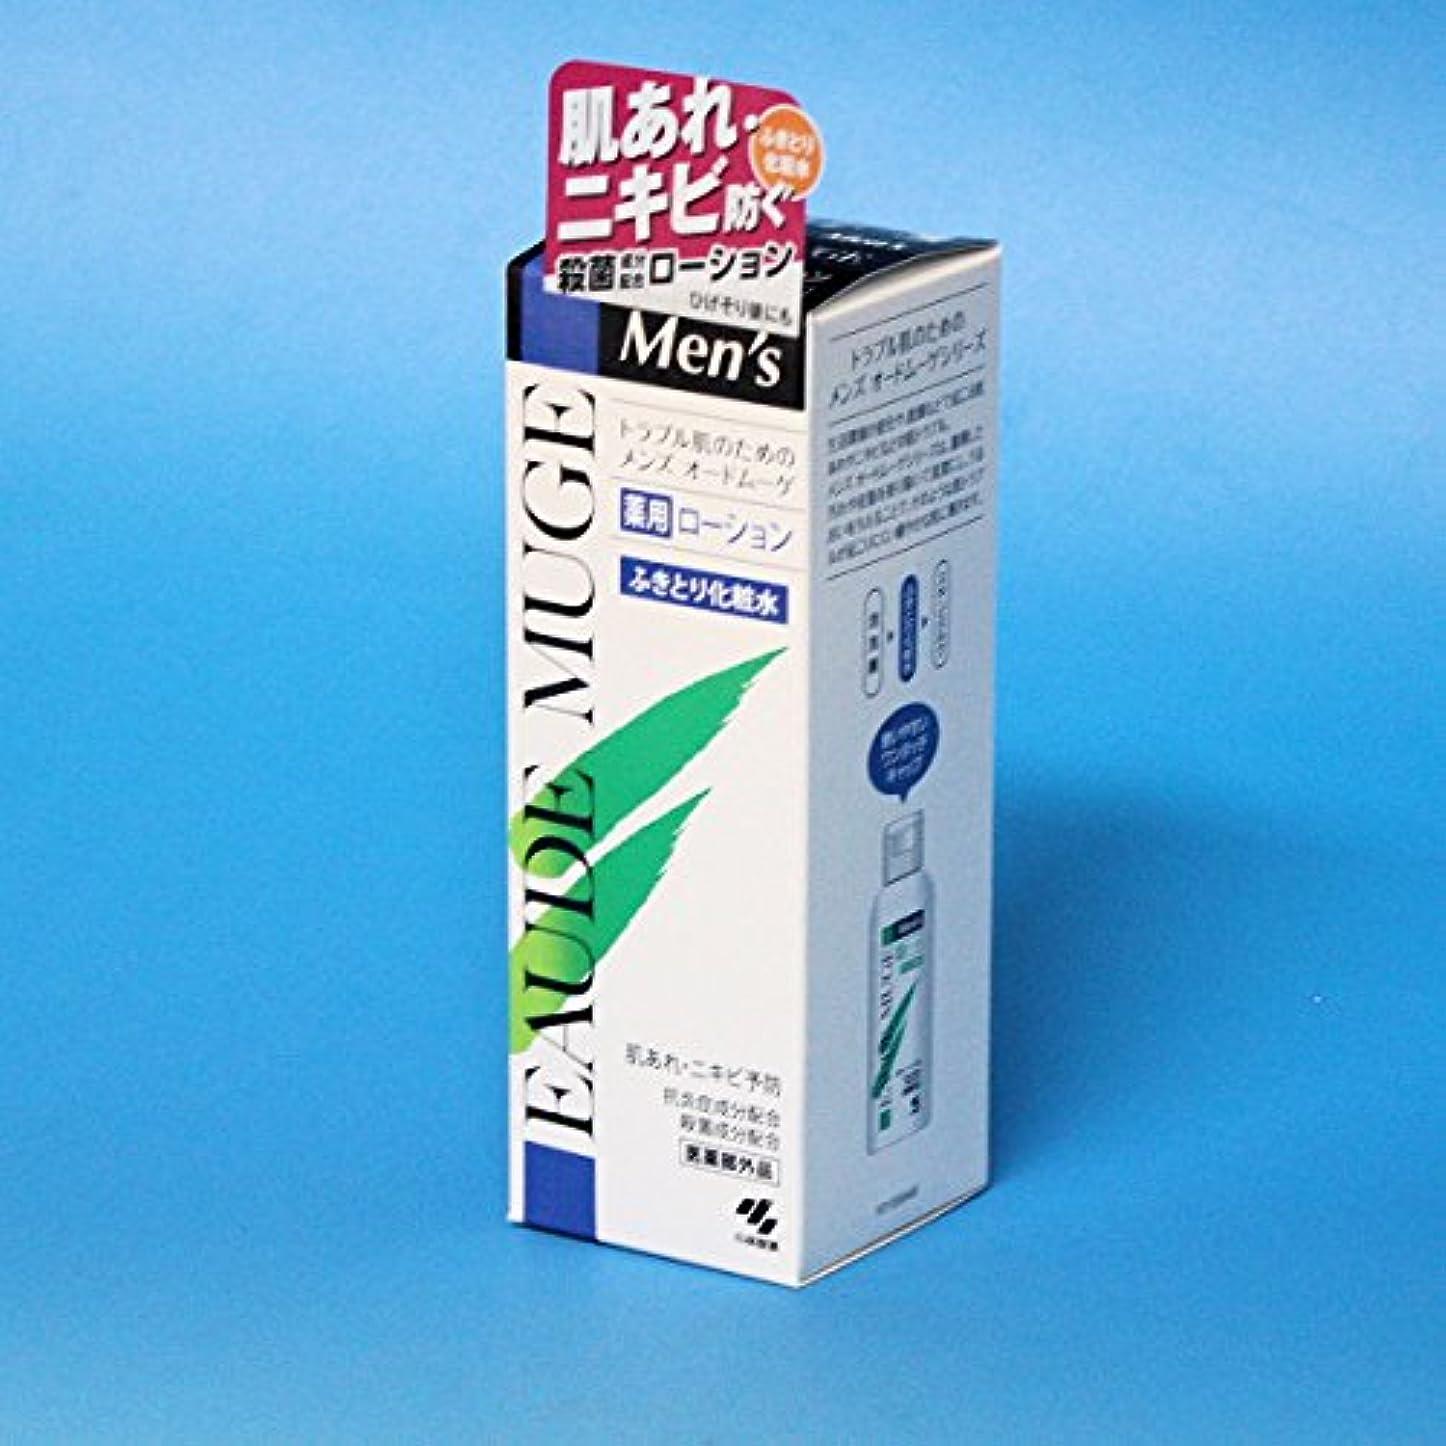 親愛な版オーストラリア人メンズ オードムーゲ薬用ローション ふき取り化粧水 160ml